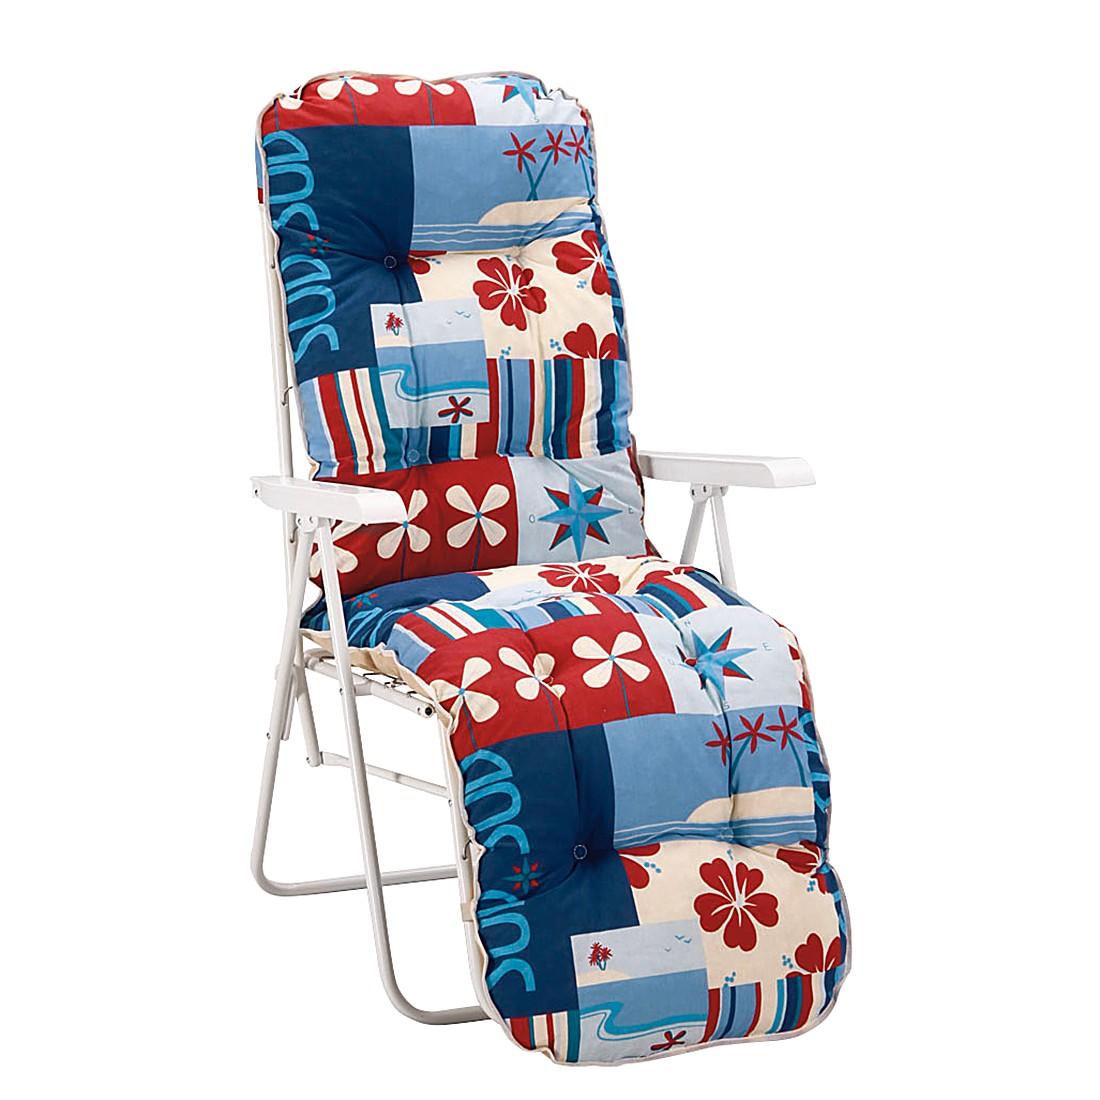 Relaxliege Sylt - Stahlrohr/Textil/Kunststoff - Weiß/Blau-Rot, Best Freizeitmöbel